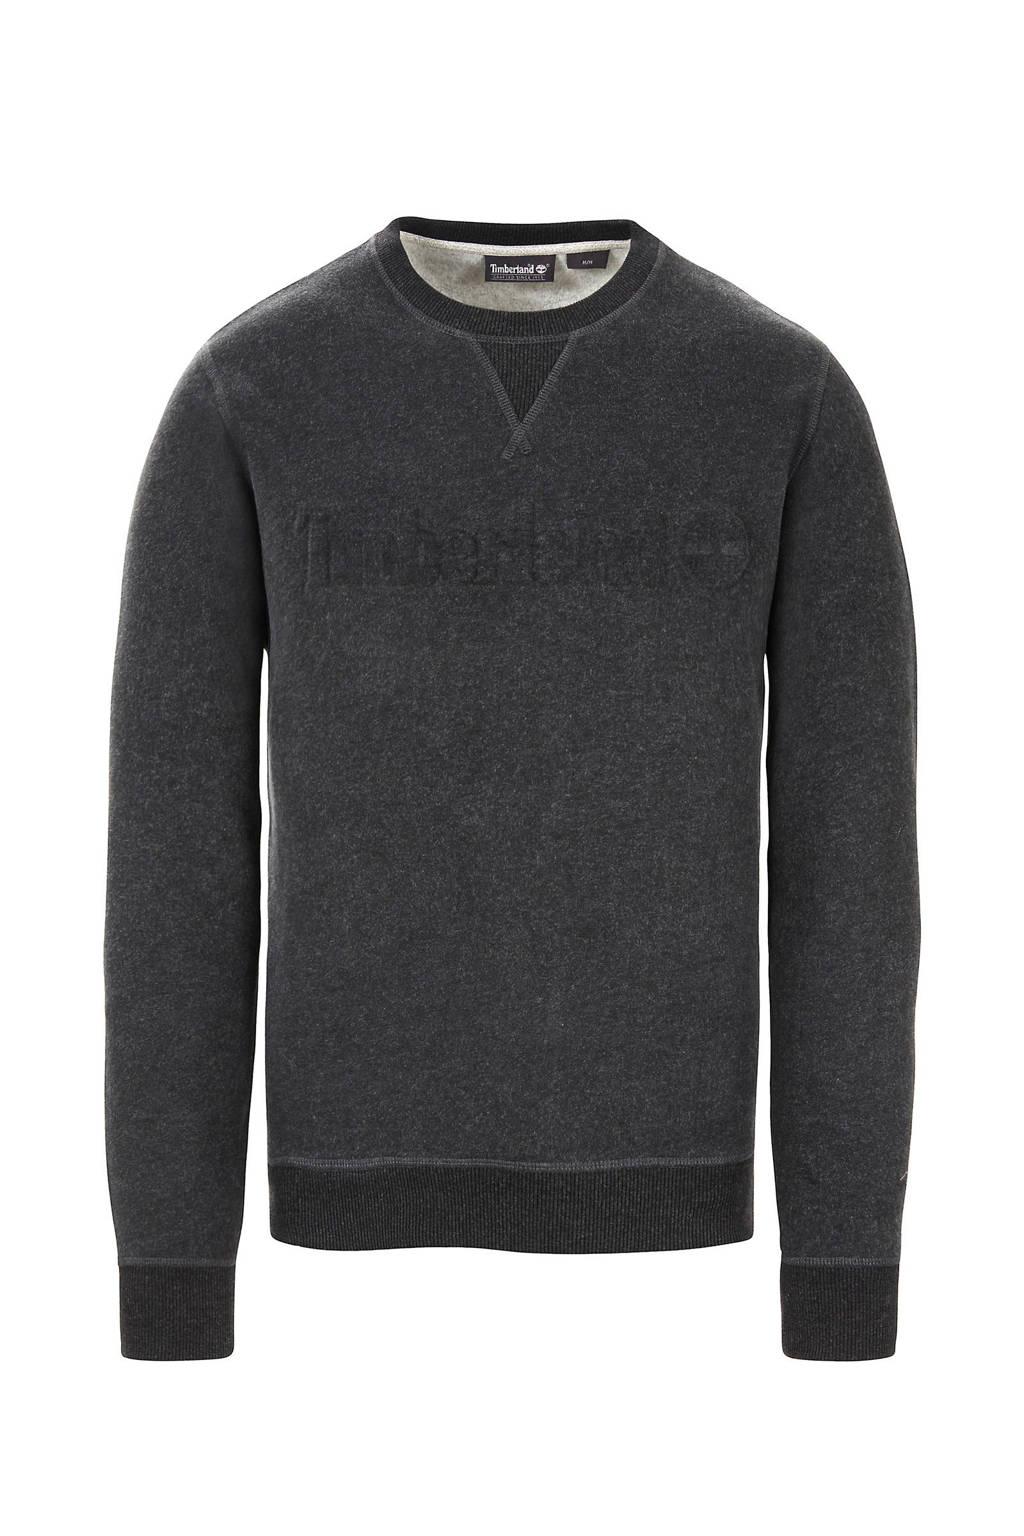 Timberland sweater met logo antraciet, Antraciet